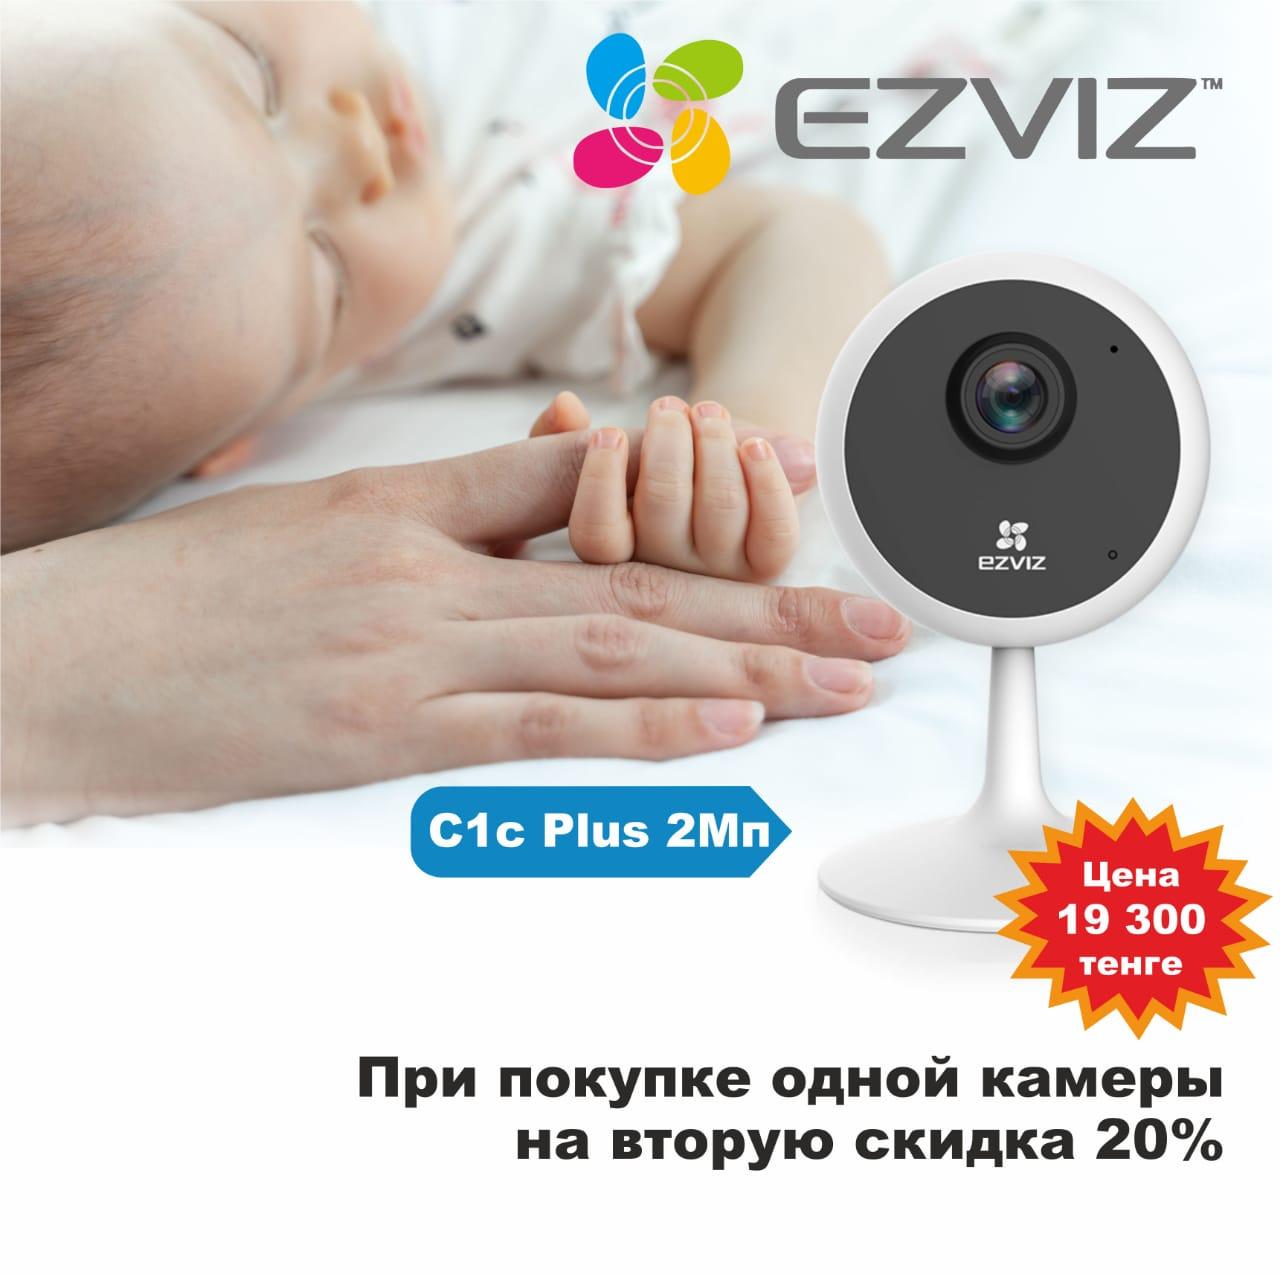 ВИДЕО-НЯНЯ камера C1C Plus бренда Ezviz!